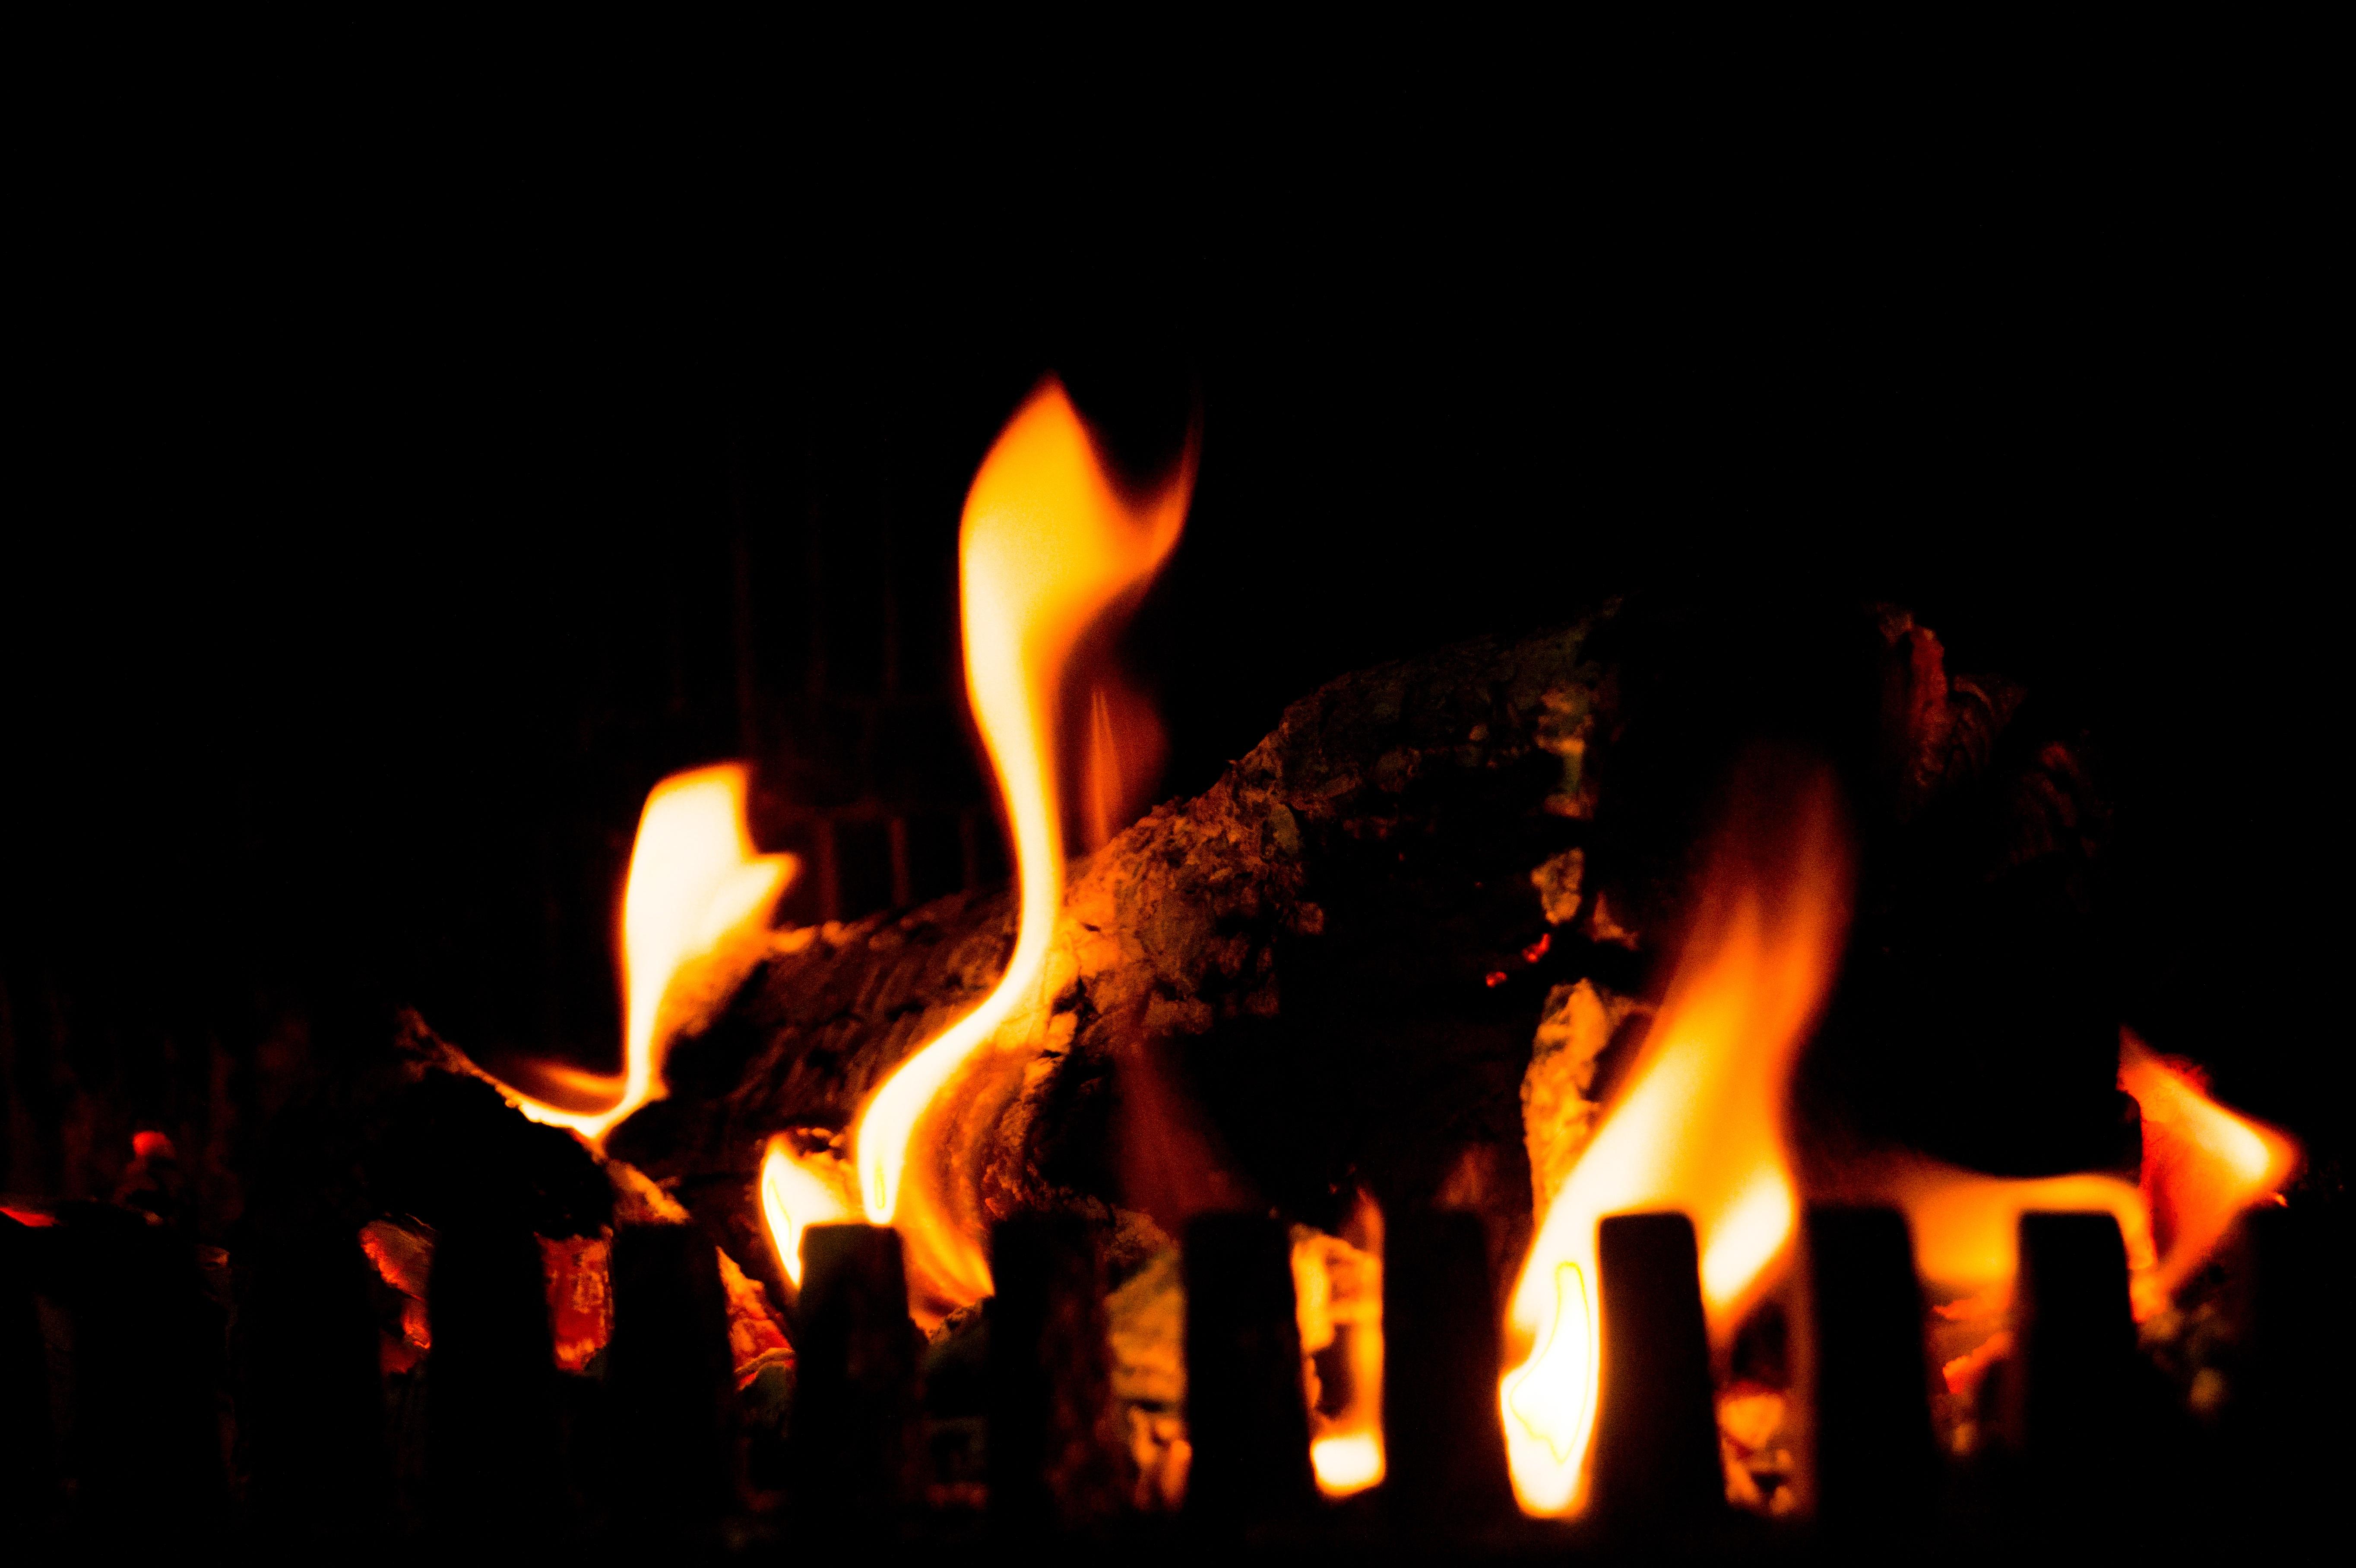 무료 이미지 : 목재, 따뜻한, 불꽃, 낭만적 인, 난로, 기분 좋은 ...